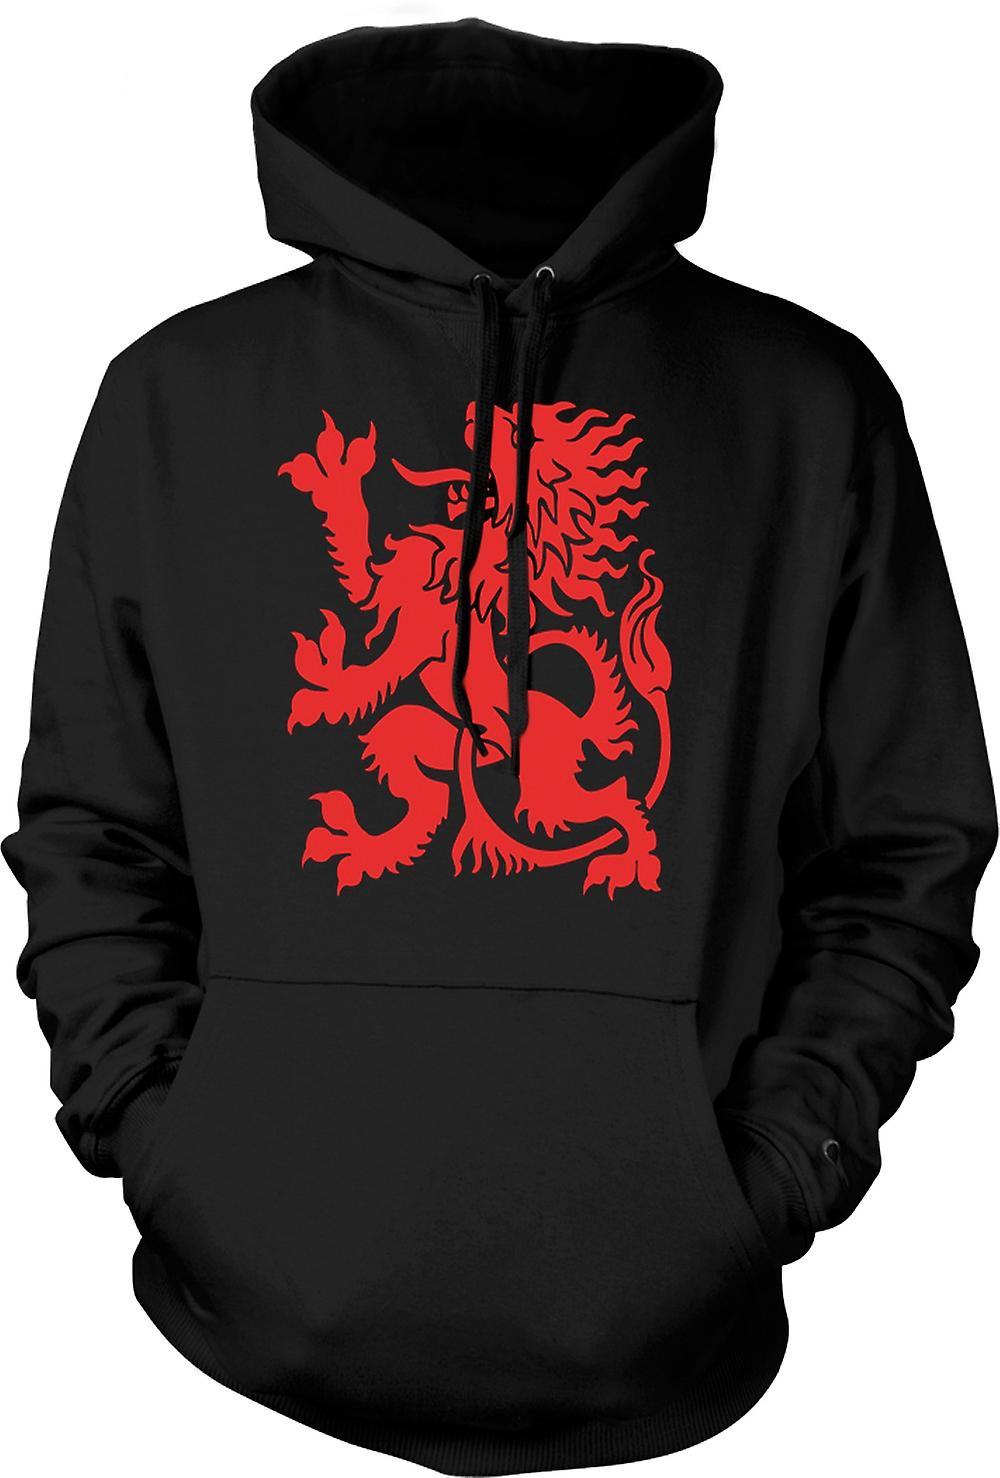 Mens-Hoodie - ich liebe Wales